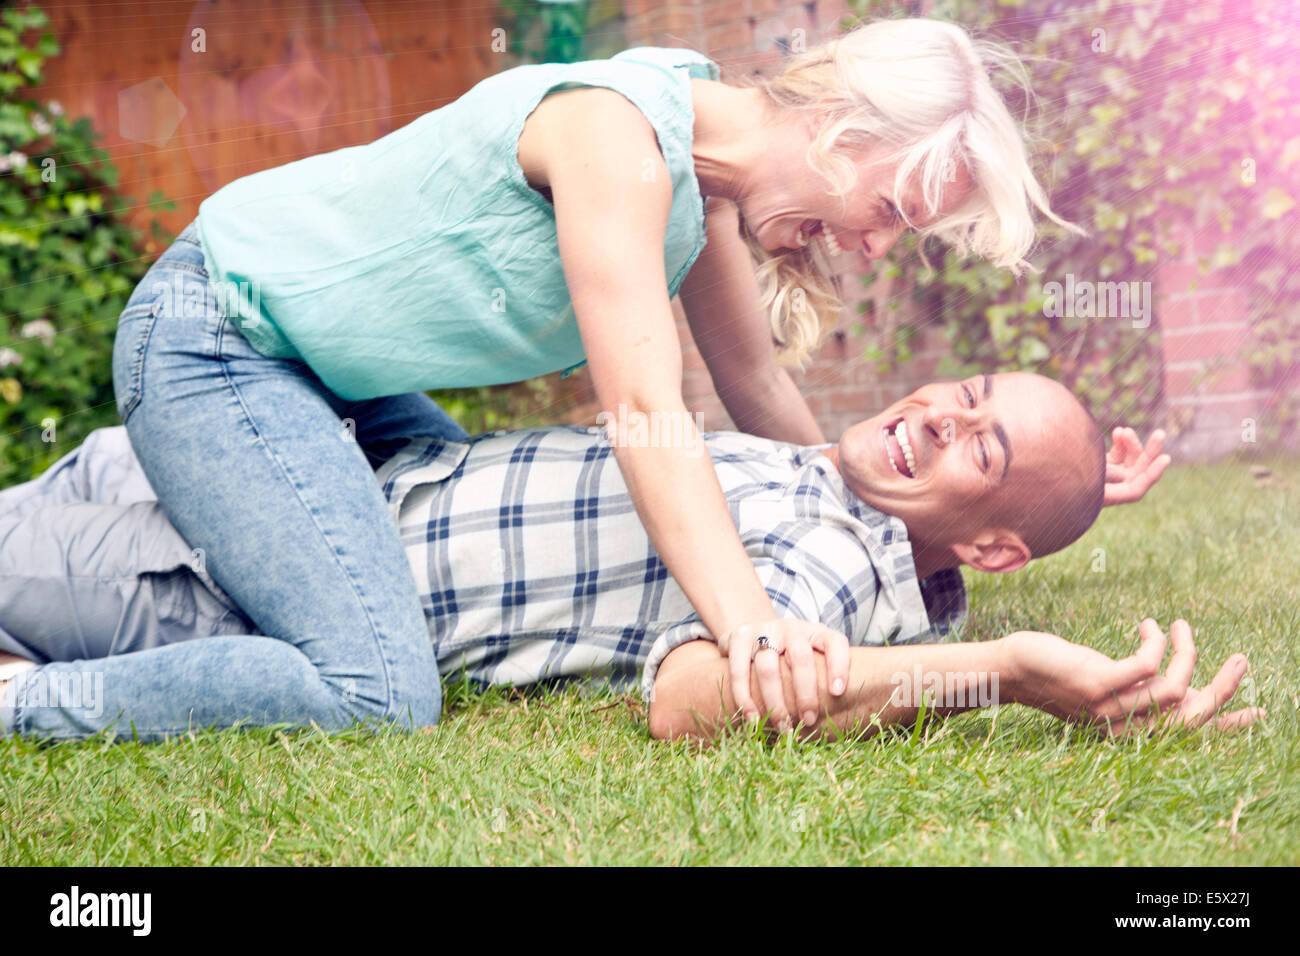 Feliz pareja jugar combates en el jardín Imagen De Stock